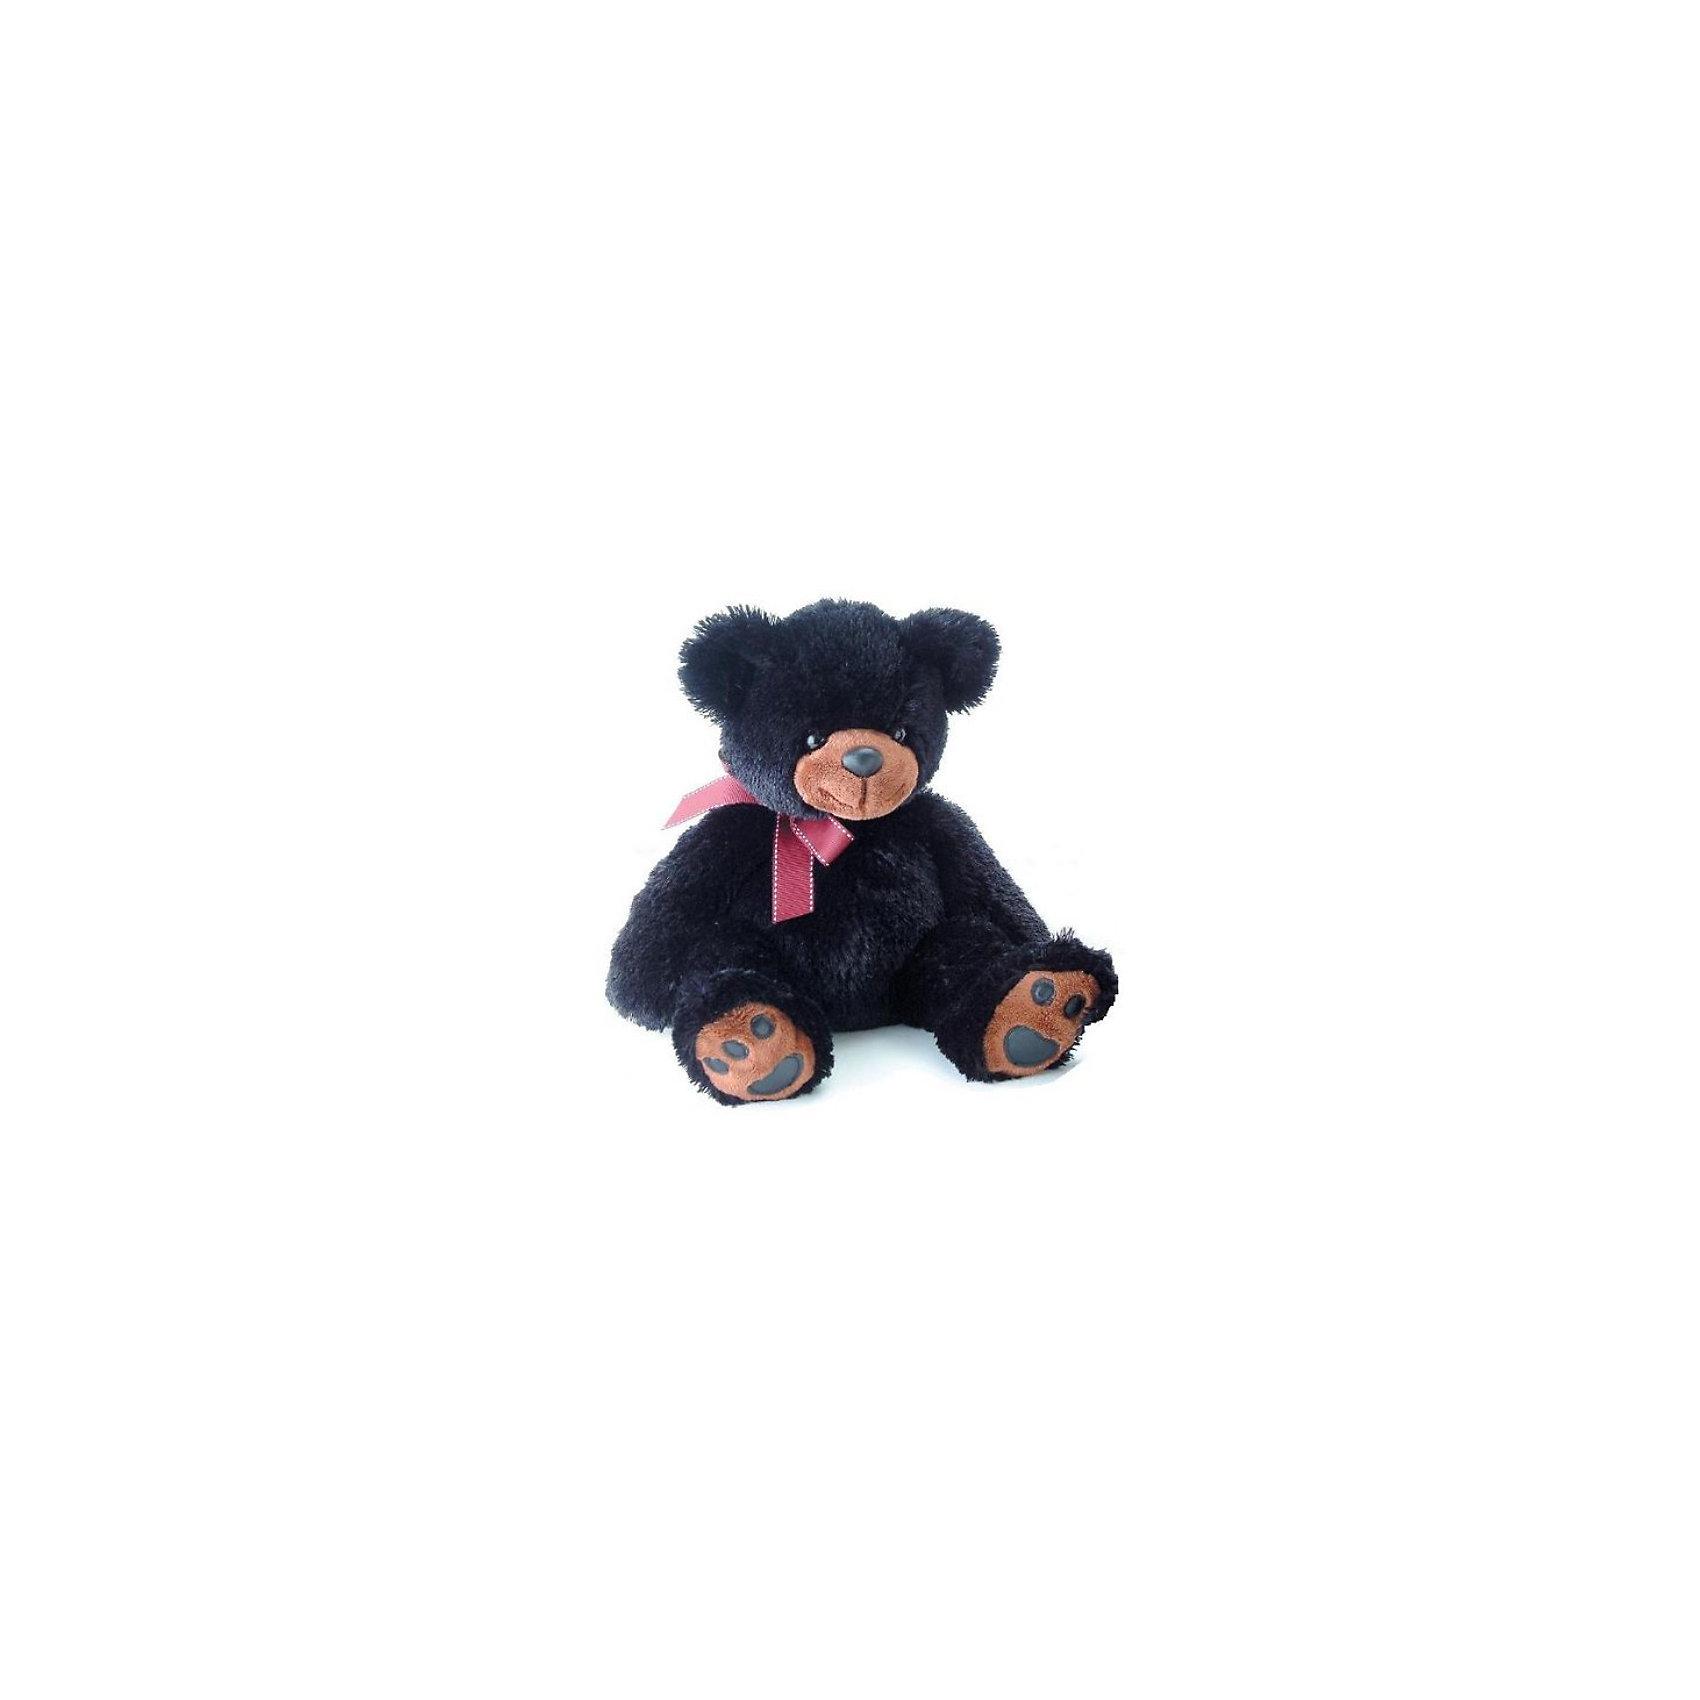 AURORA Мягкая игрушка  Медведь (чёрный), 70 смМедвежата<br>Плюшевый мишка с розовым бантом. <br><br>Игрушка изготовлена из экологически чистых материалов: высококачественного плюшa и гипoaллepгeнного cинтепoна. Не деформируется и не теряет внешний вид при машинной стирке.<br><br>Дополнительная информация:<br><br>Высота медведя: 70 см.<br><br>Ширина мм: 250<br>Глубина мм: 210<br>Высота мм: 500<br>Вес г: 1355<br>Возраст от месяцев: 24<br>Возраст до месяцев: 120<br>Пол: Унисекс<br>Возраст: Детский<br>SKU: 2147580